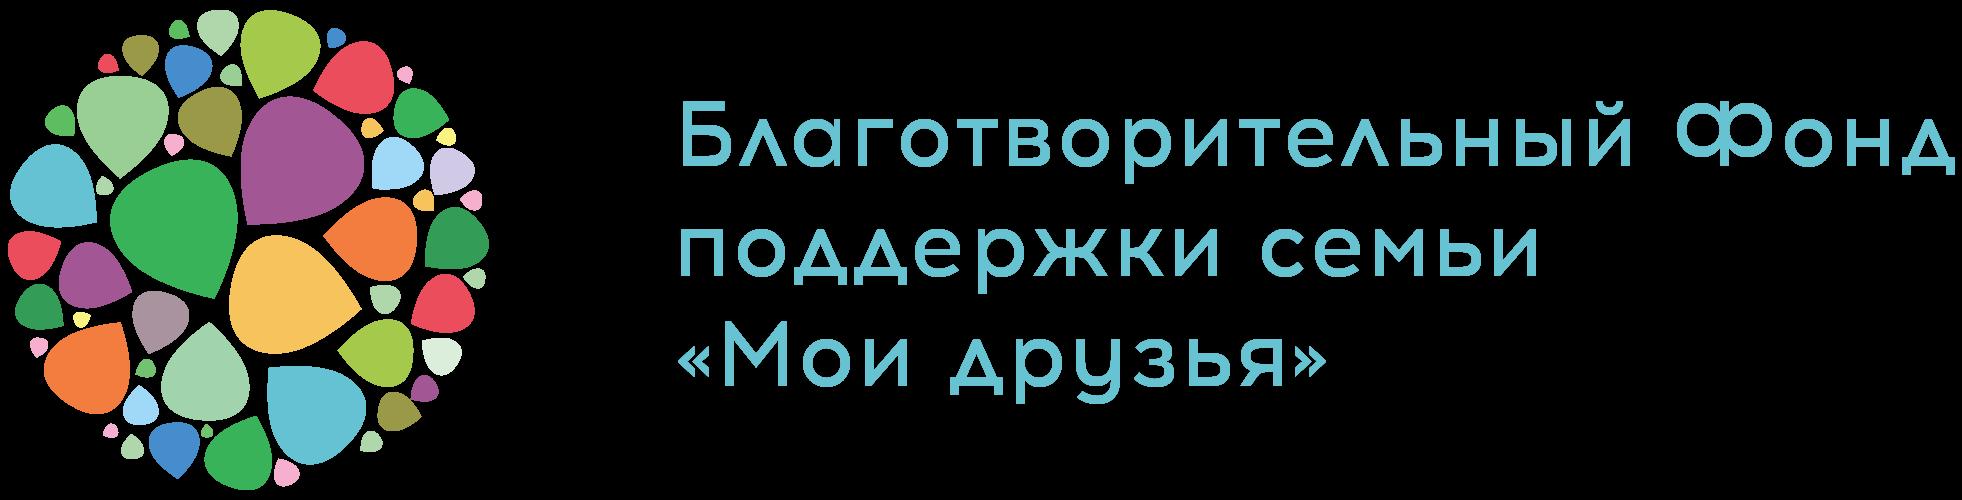 Благотворительный Фонд «Мои друзья»